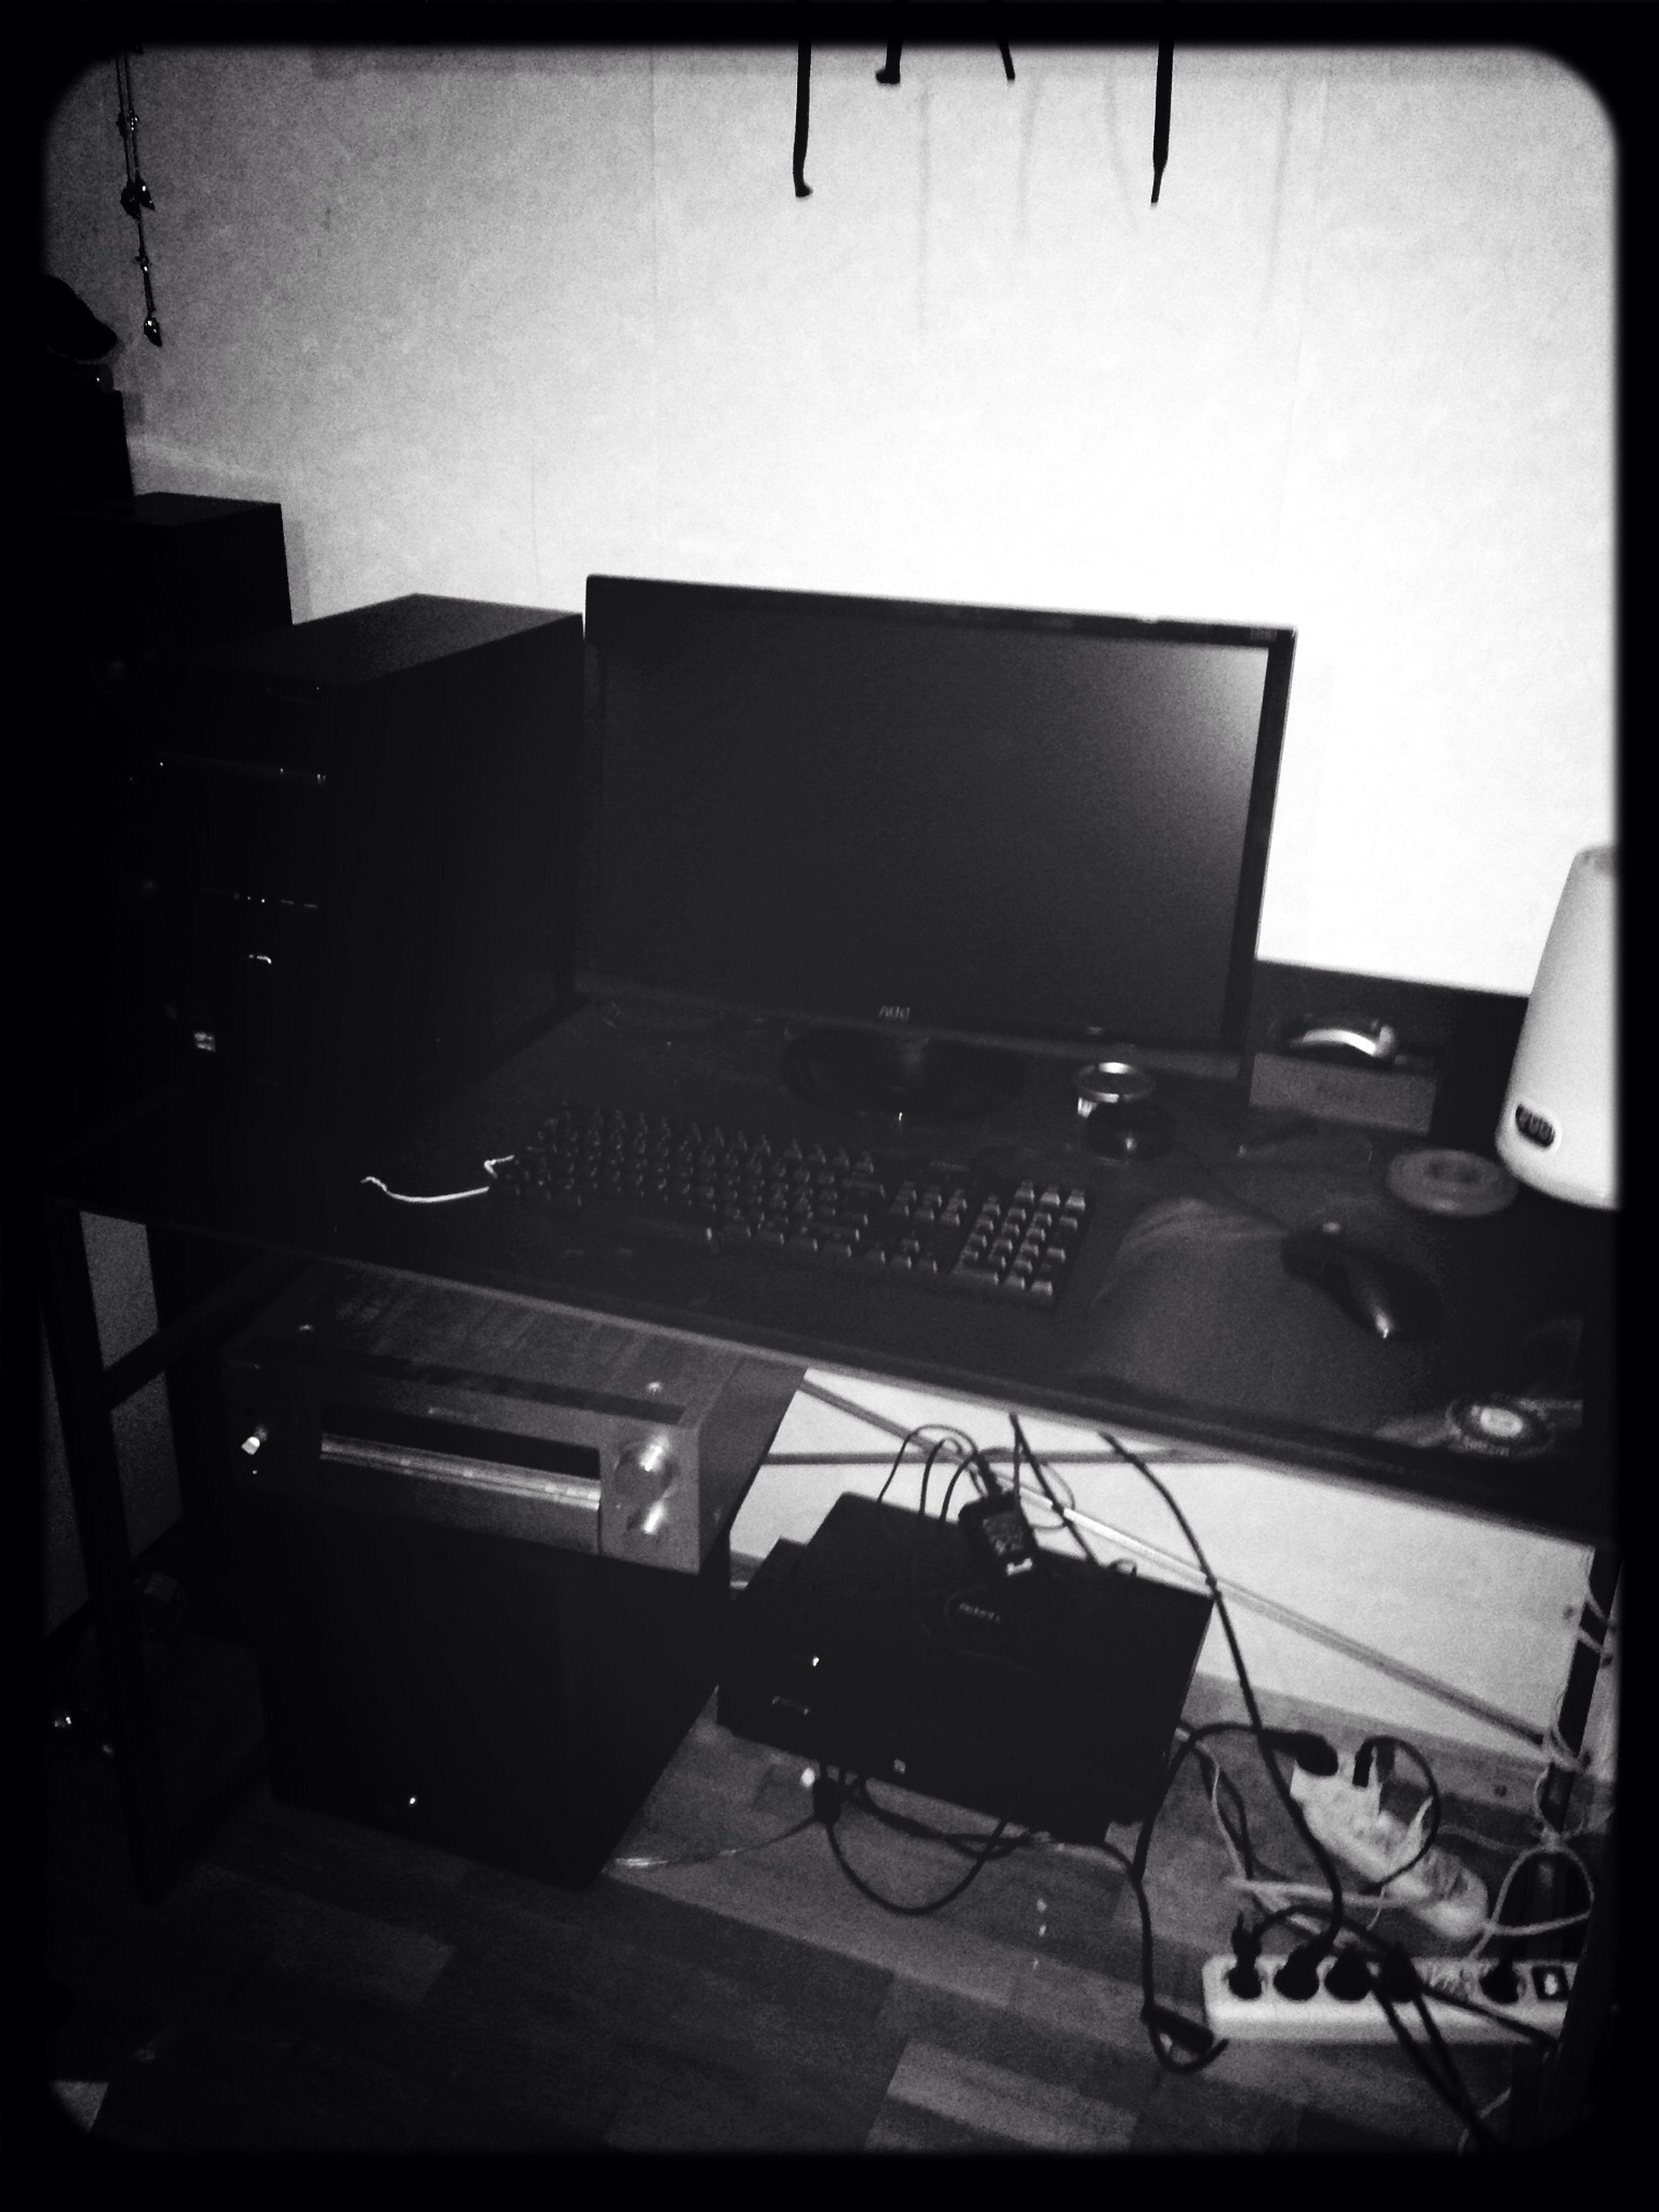 Jag har aldrig ägt en dator som jag har köpt. Men nu äger jag en egen dator. Tack Andreas för hjälpen!